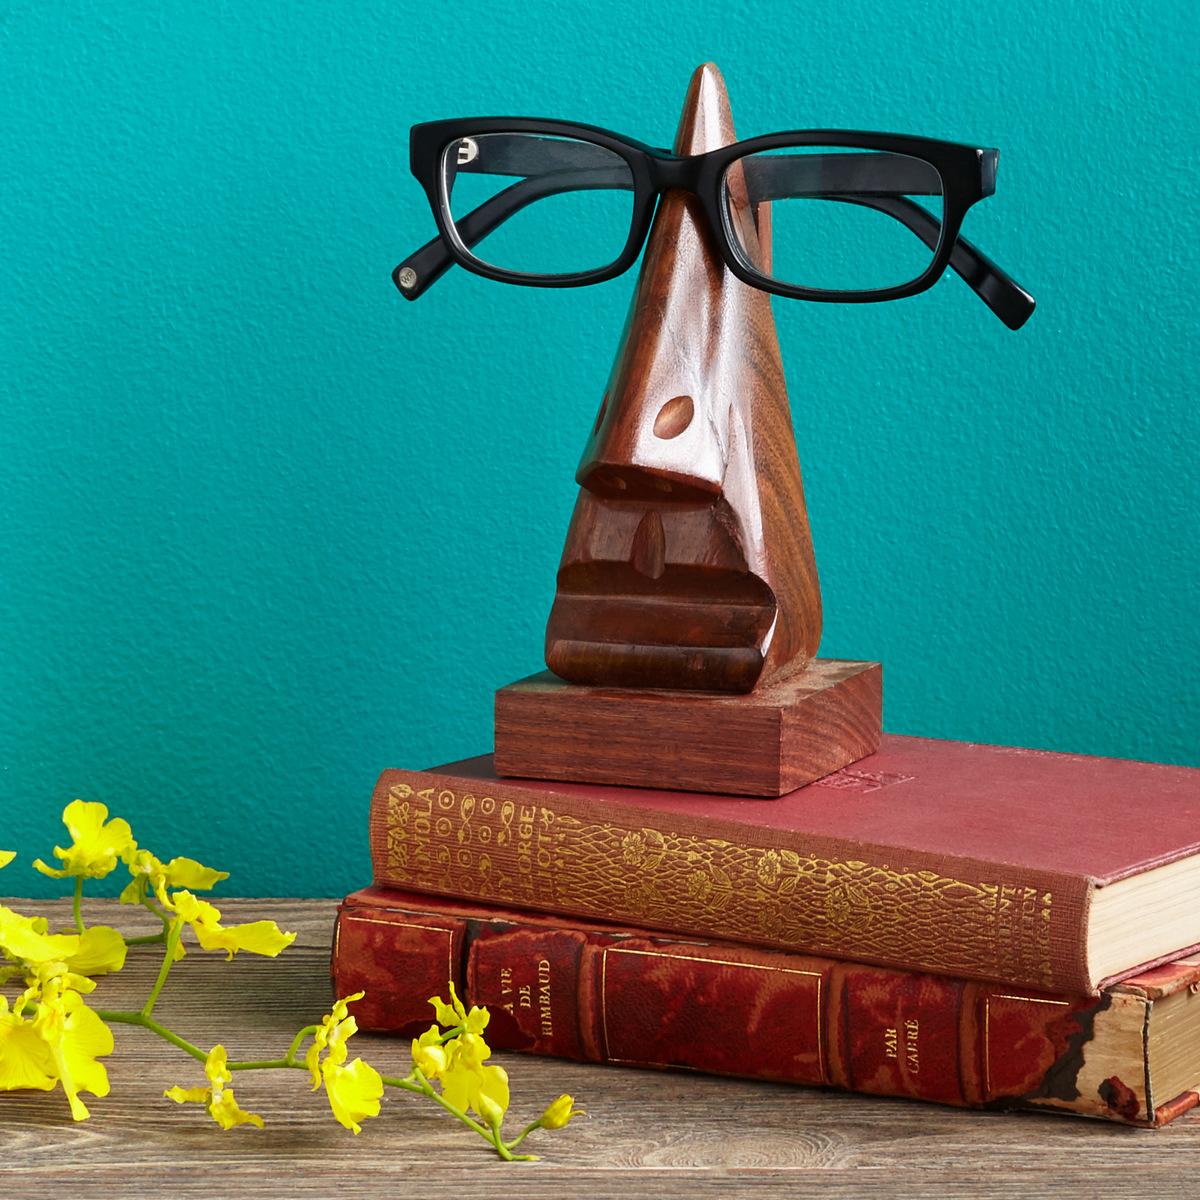 Eyeglasses holder from Uncommon Goods